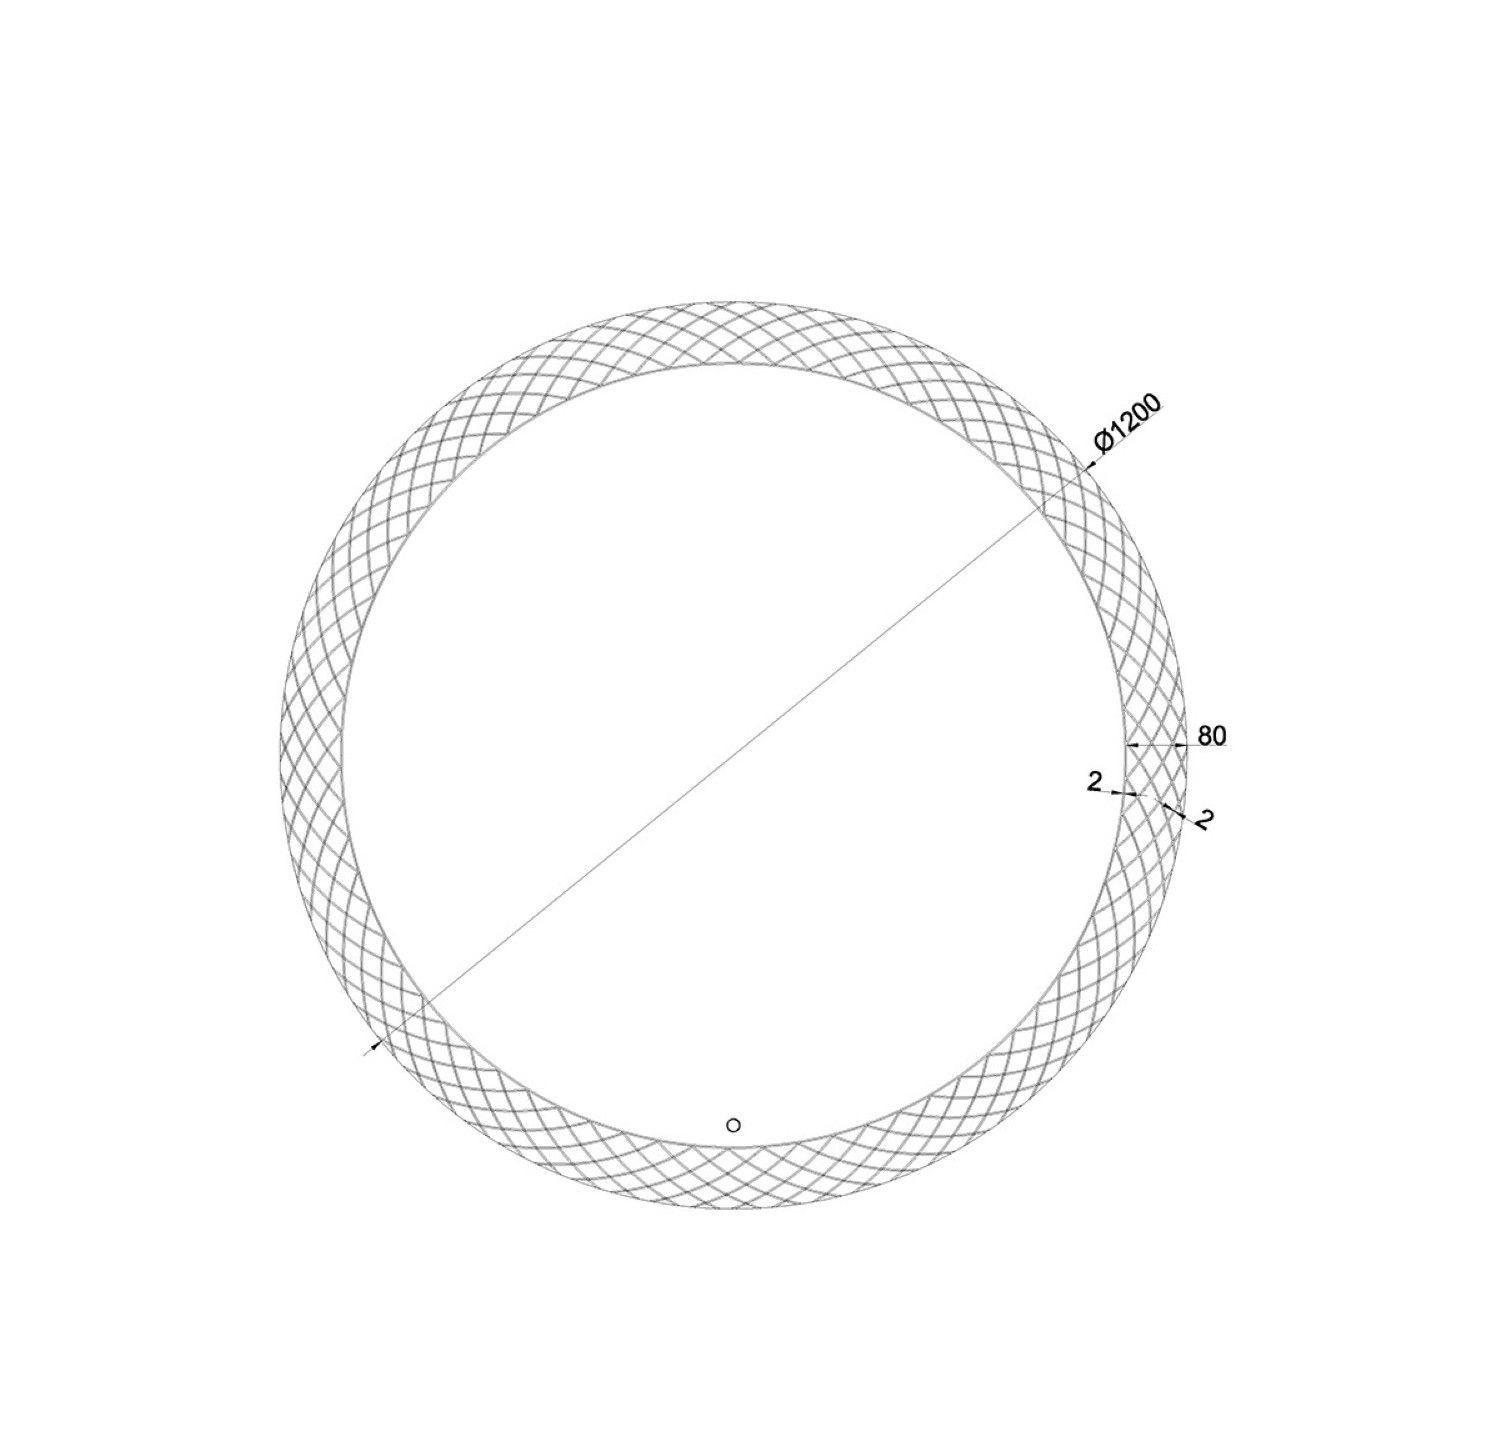 https://www.tegelensanitairmagazijn.nl/74075/badkamerspiegel-wiesbaden-deco-rond-met-led-verlichting-condensvrij-120-cm.jpg